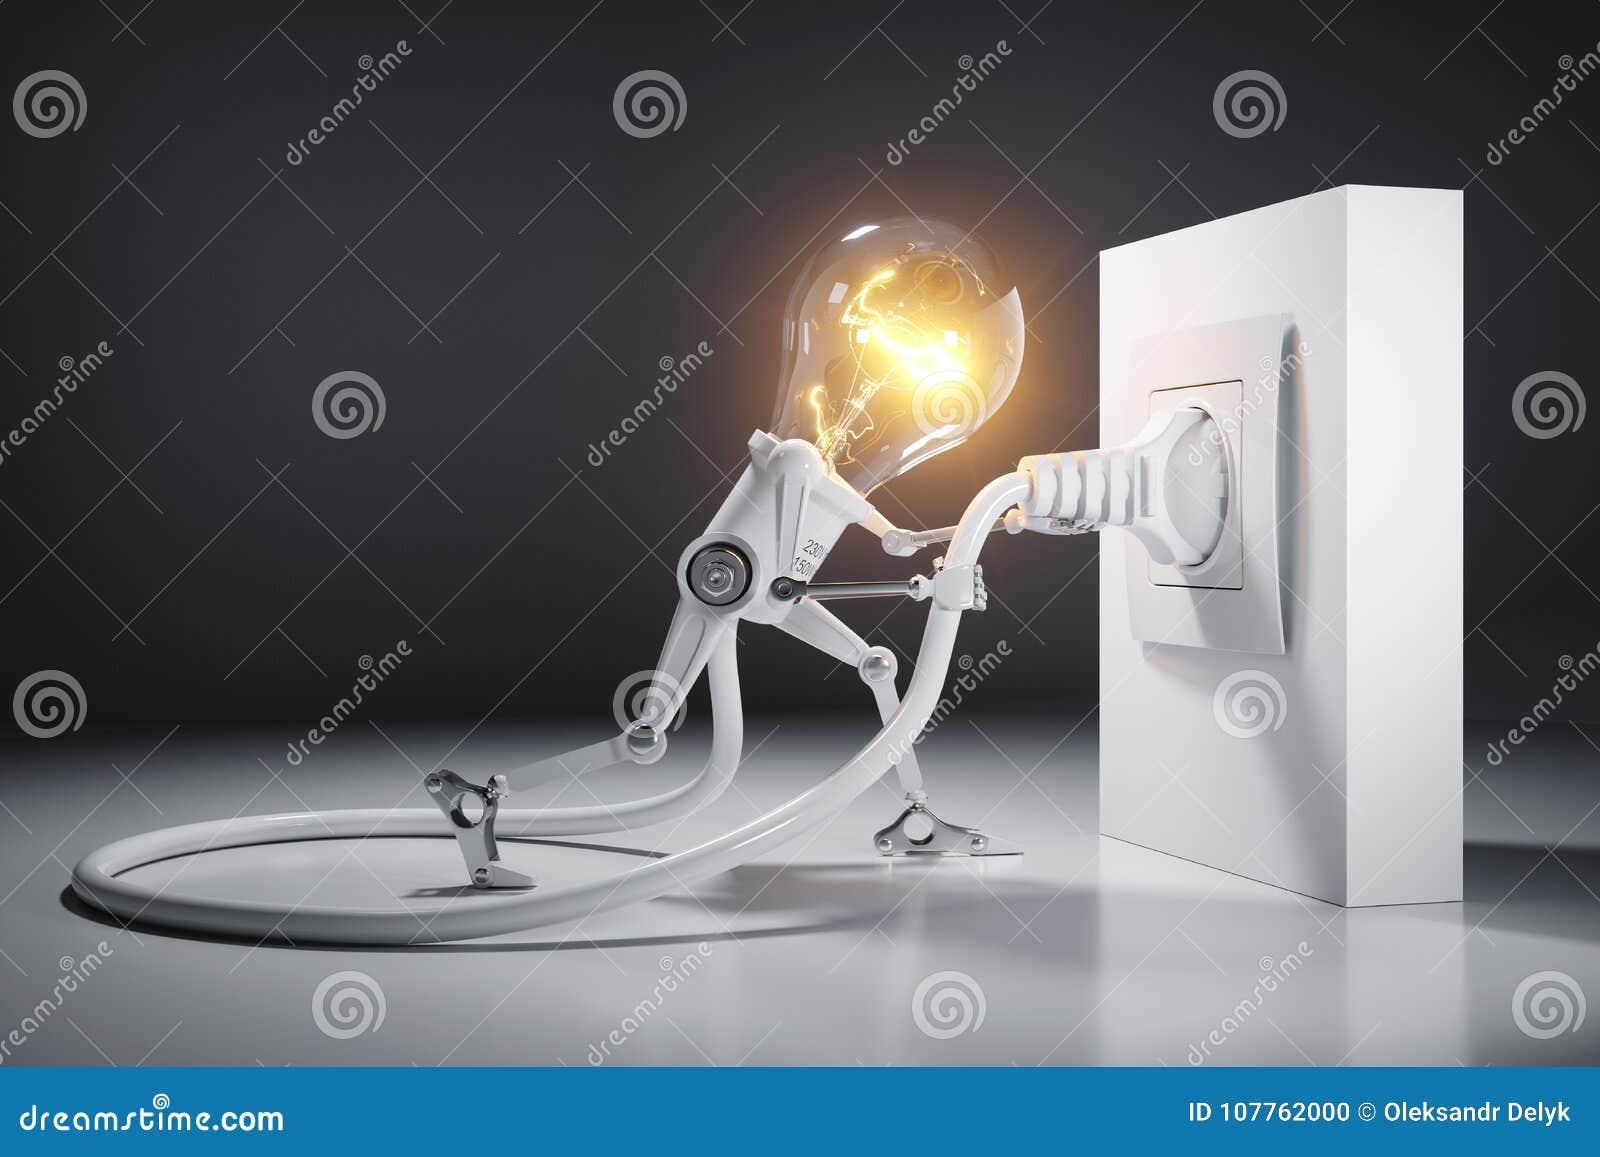 O robô da ampola dos desenhos animados une uma tomada elétrica à parede